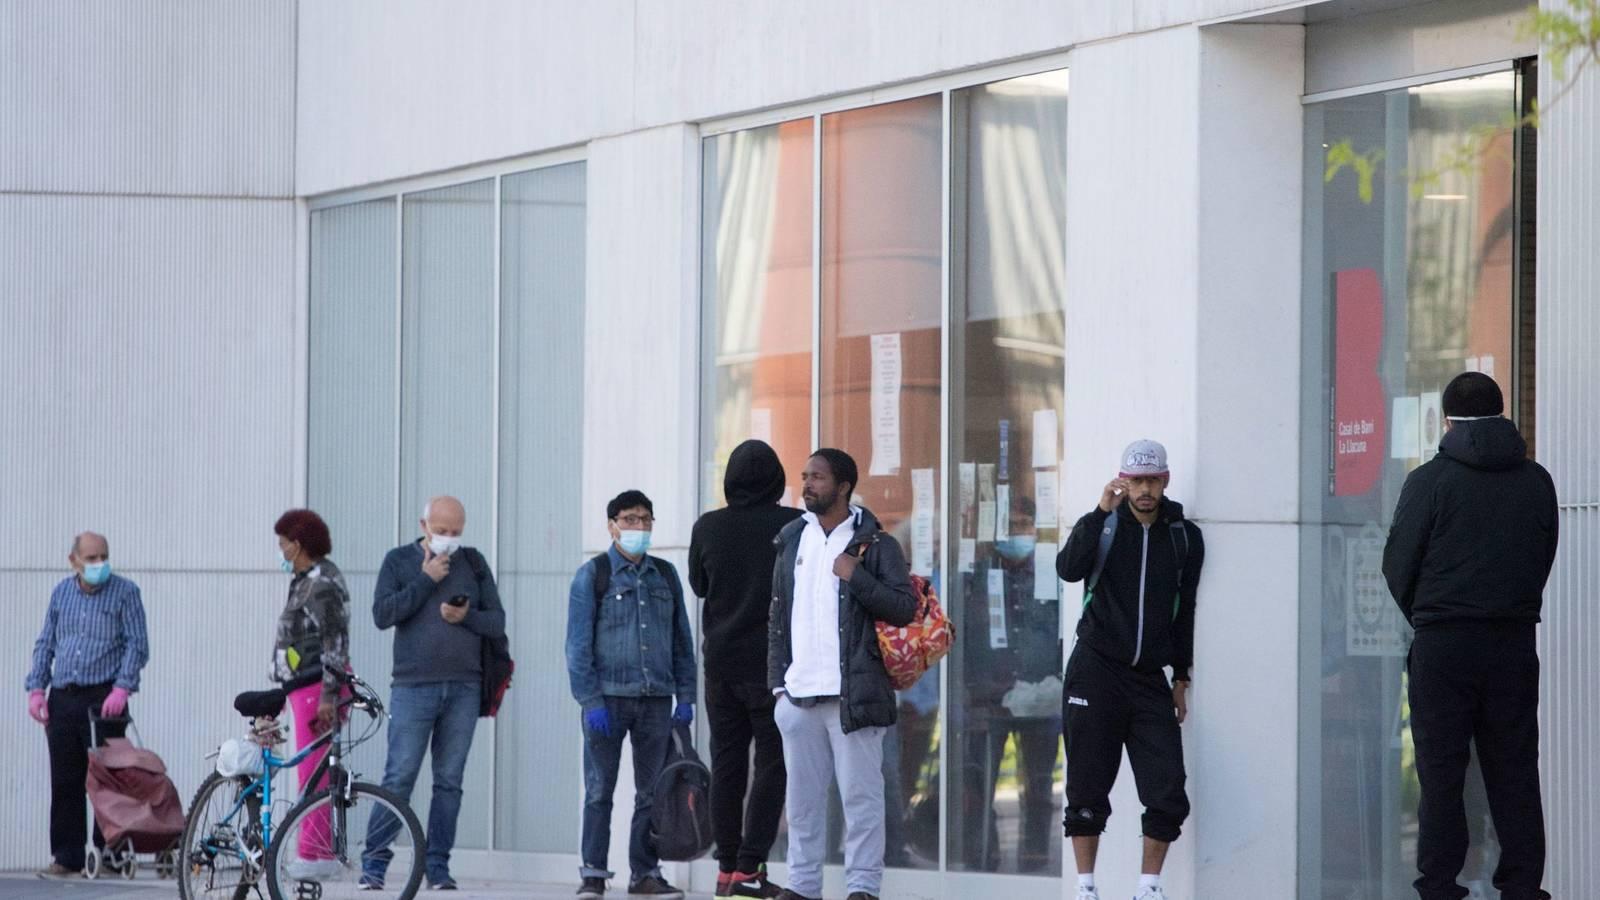 الحد الأدنى للدخل مدى الحياة إسبانيا وزارة الضمان الاجتماعي المساعدة إعانة